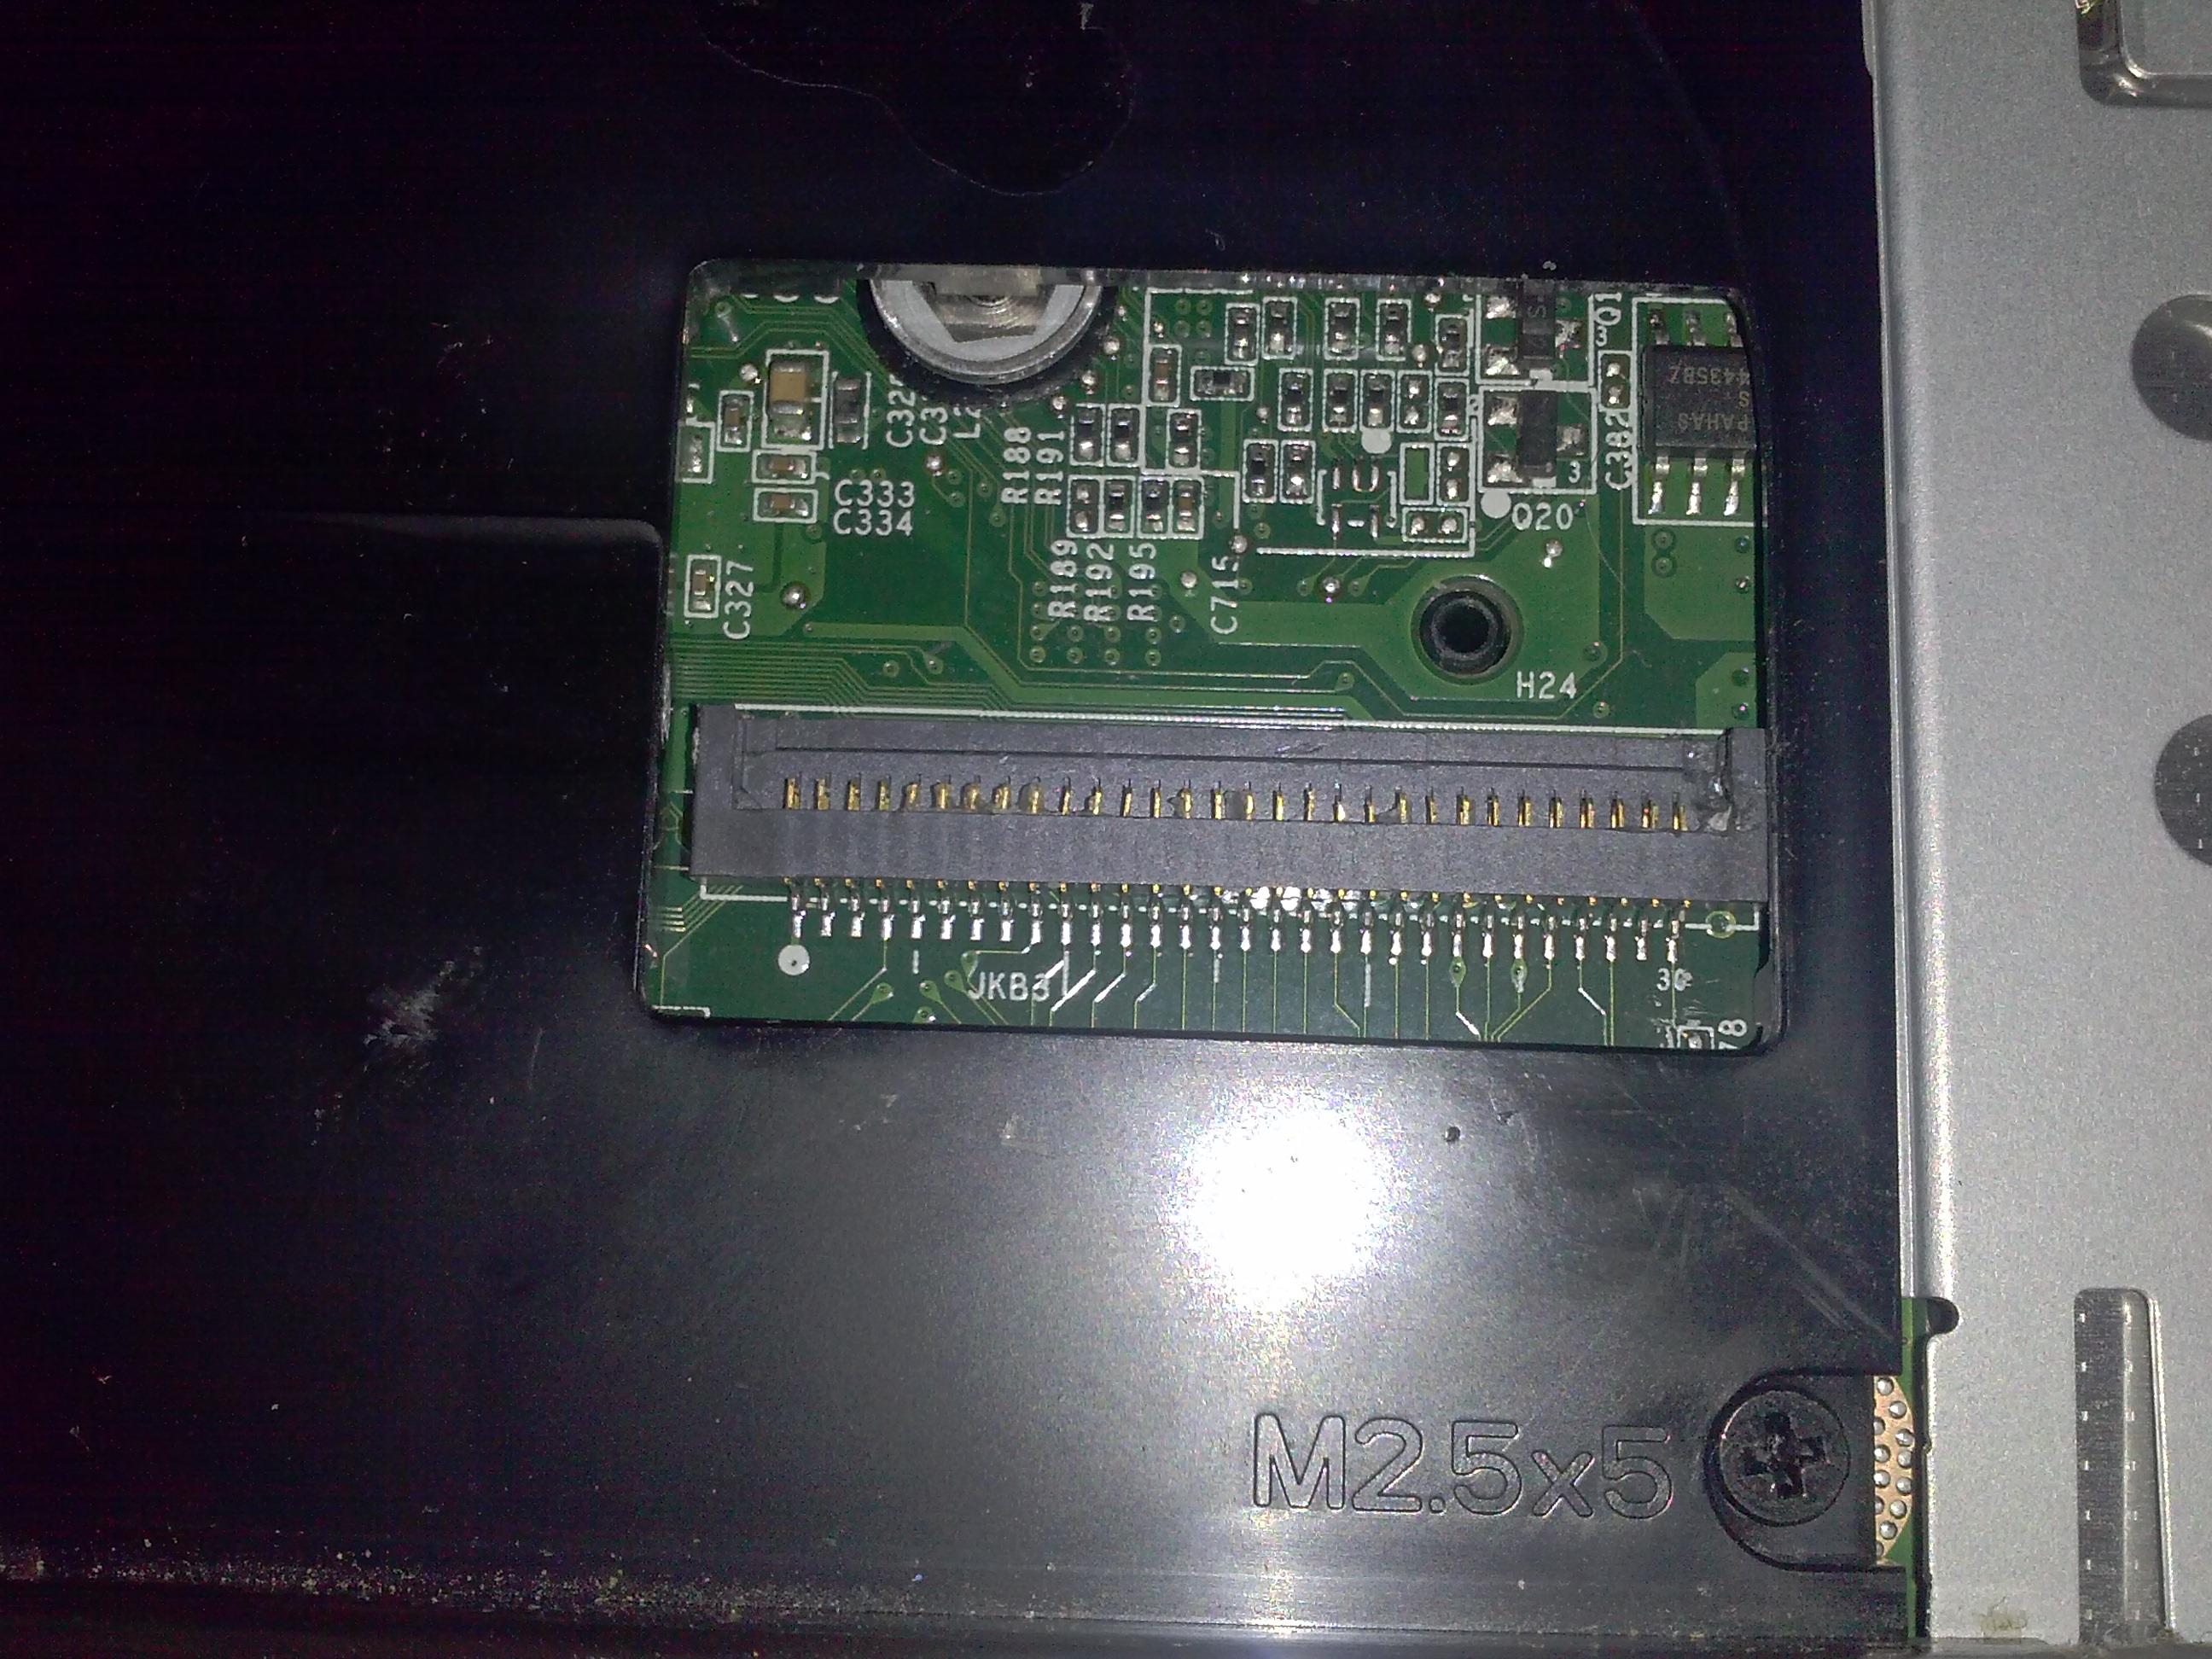 DELL 7010 - Ta�ma klawiatury - jak naprawi�?